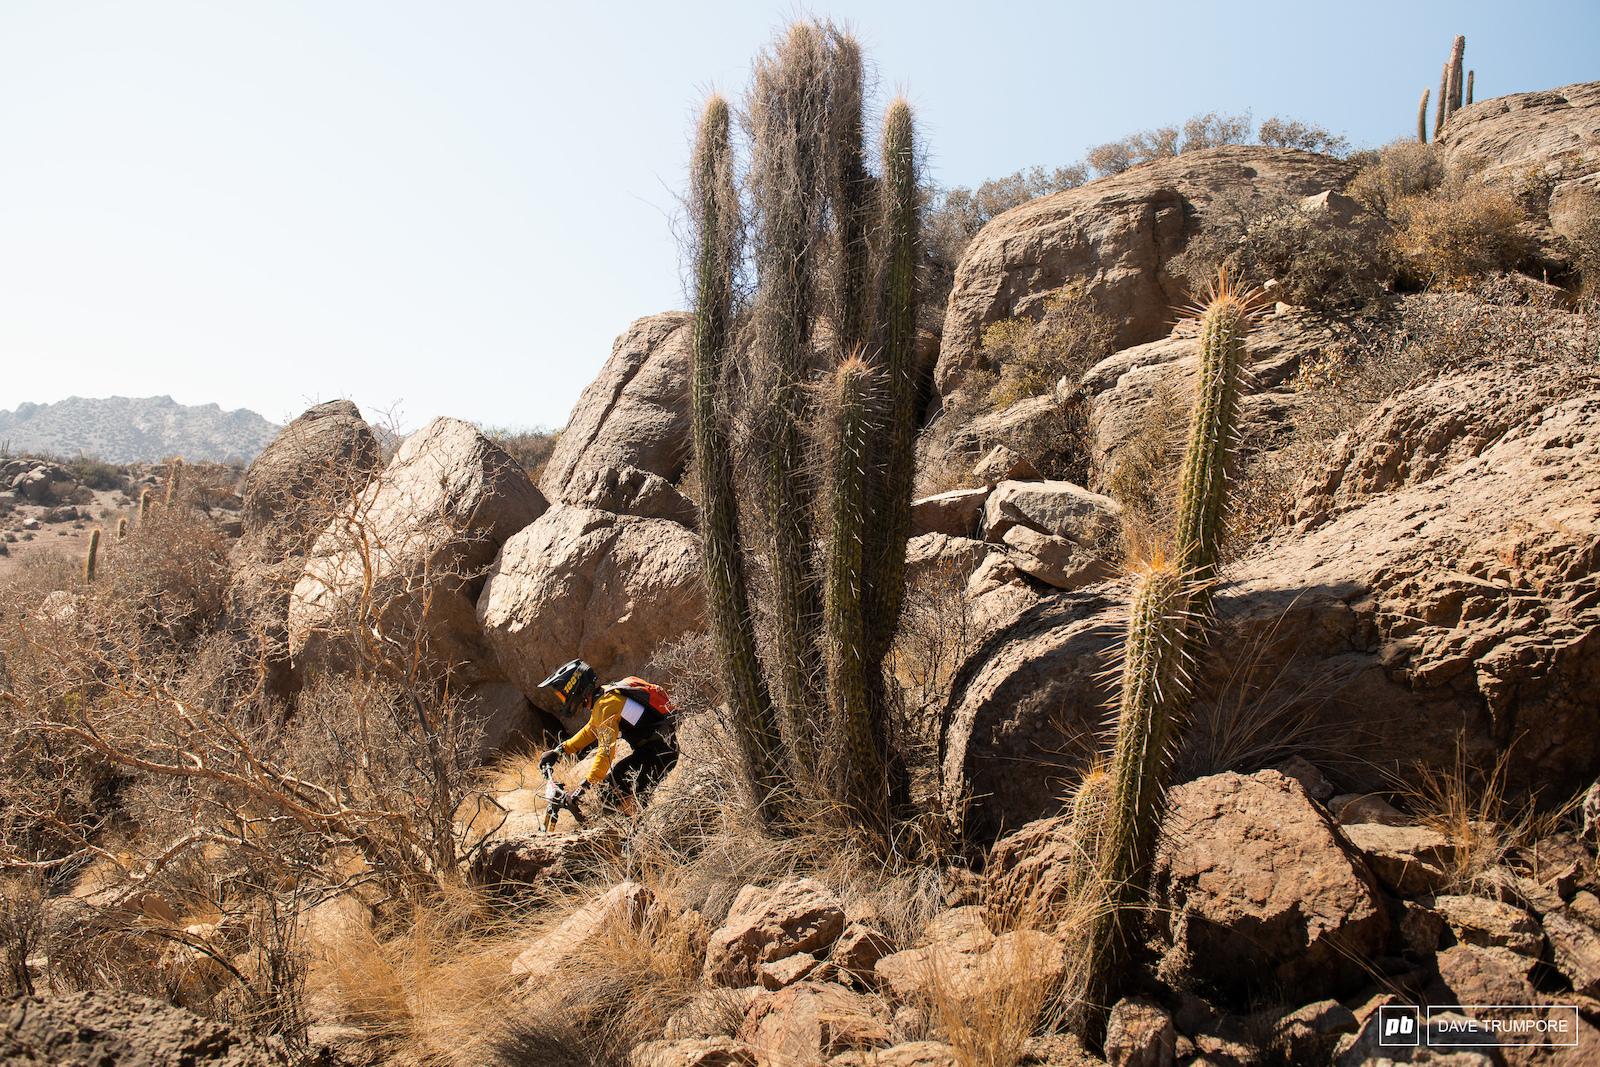 Big cactus... little rider